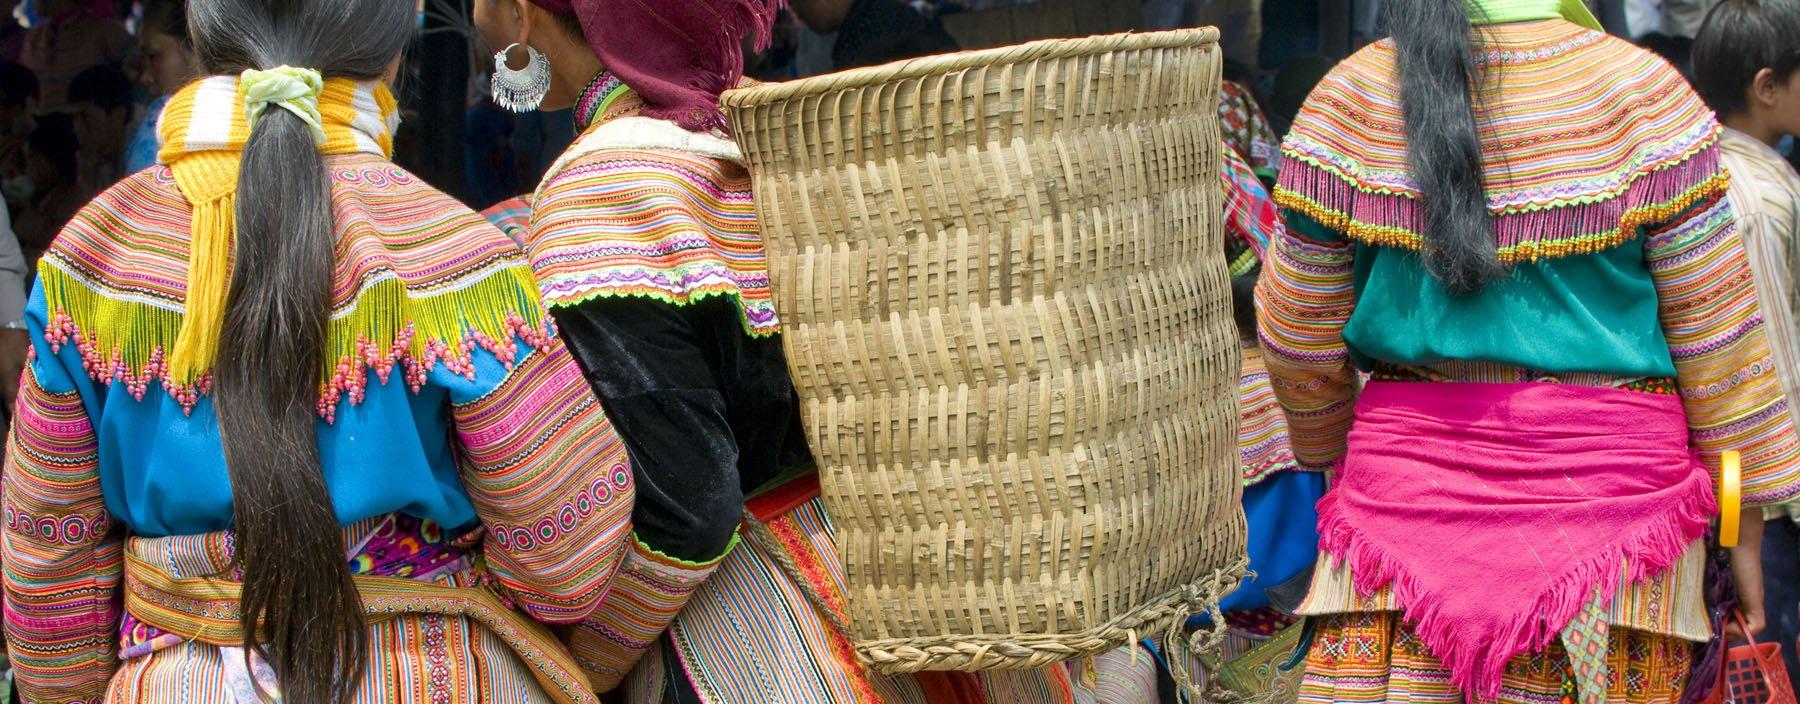 vn, sapa, sapa markt (4).jpg